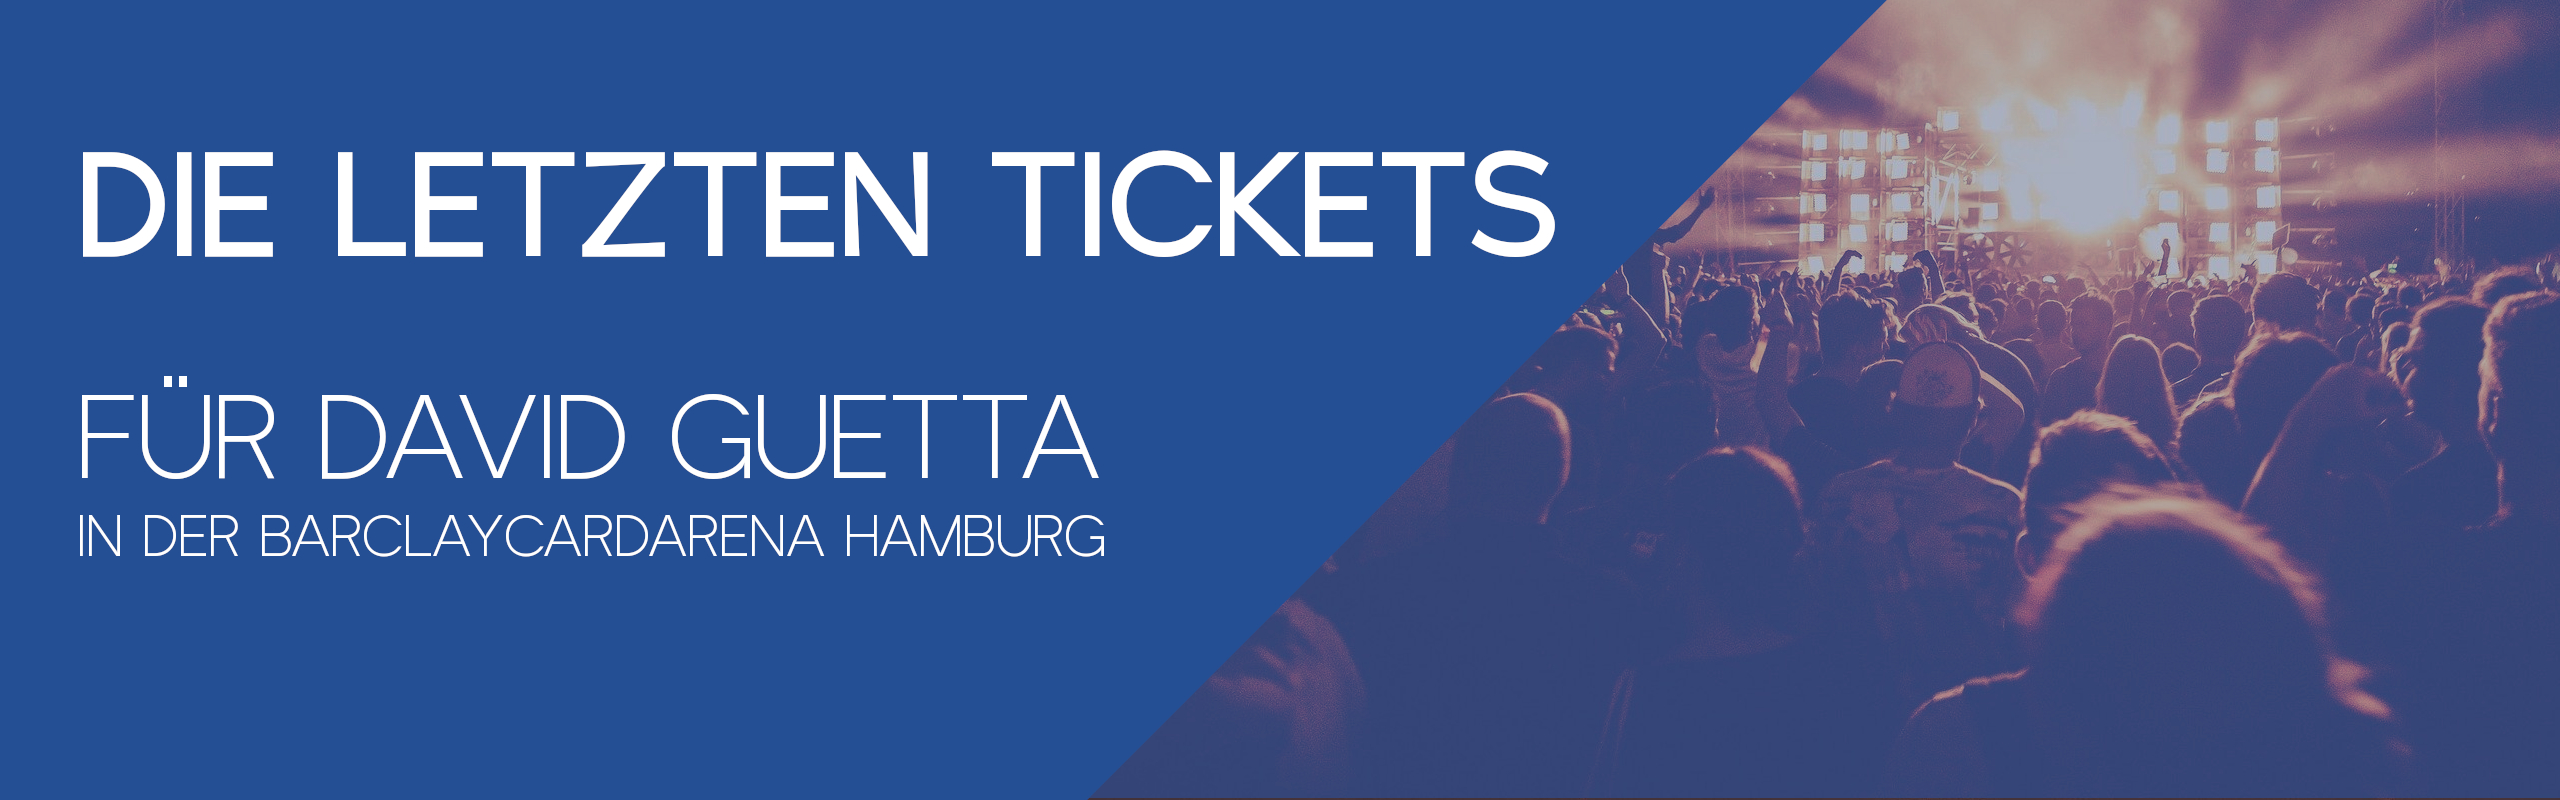 Gewinnt die letzten Tickets für das David Guetta Konzert in Hamburg